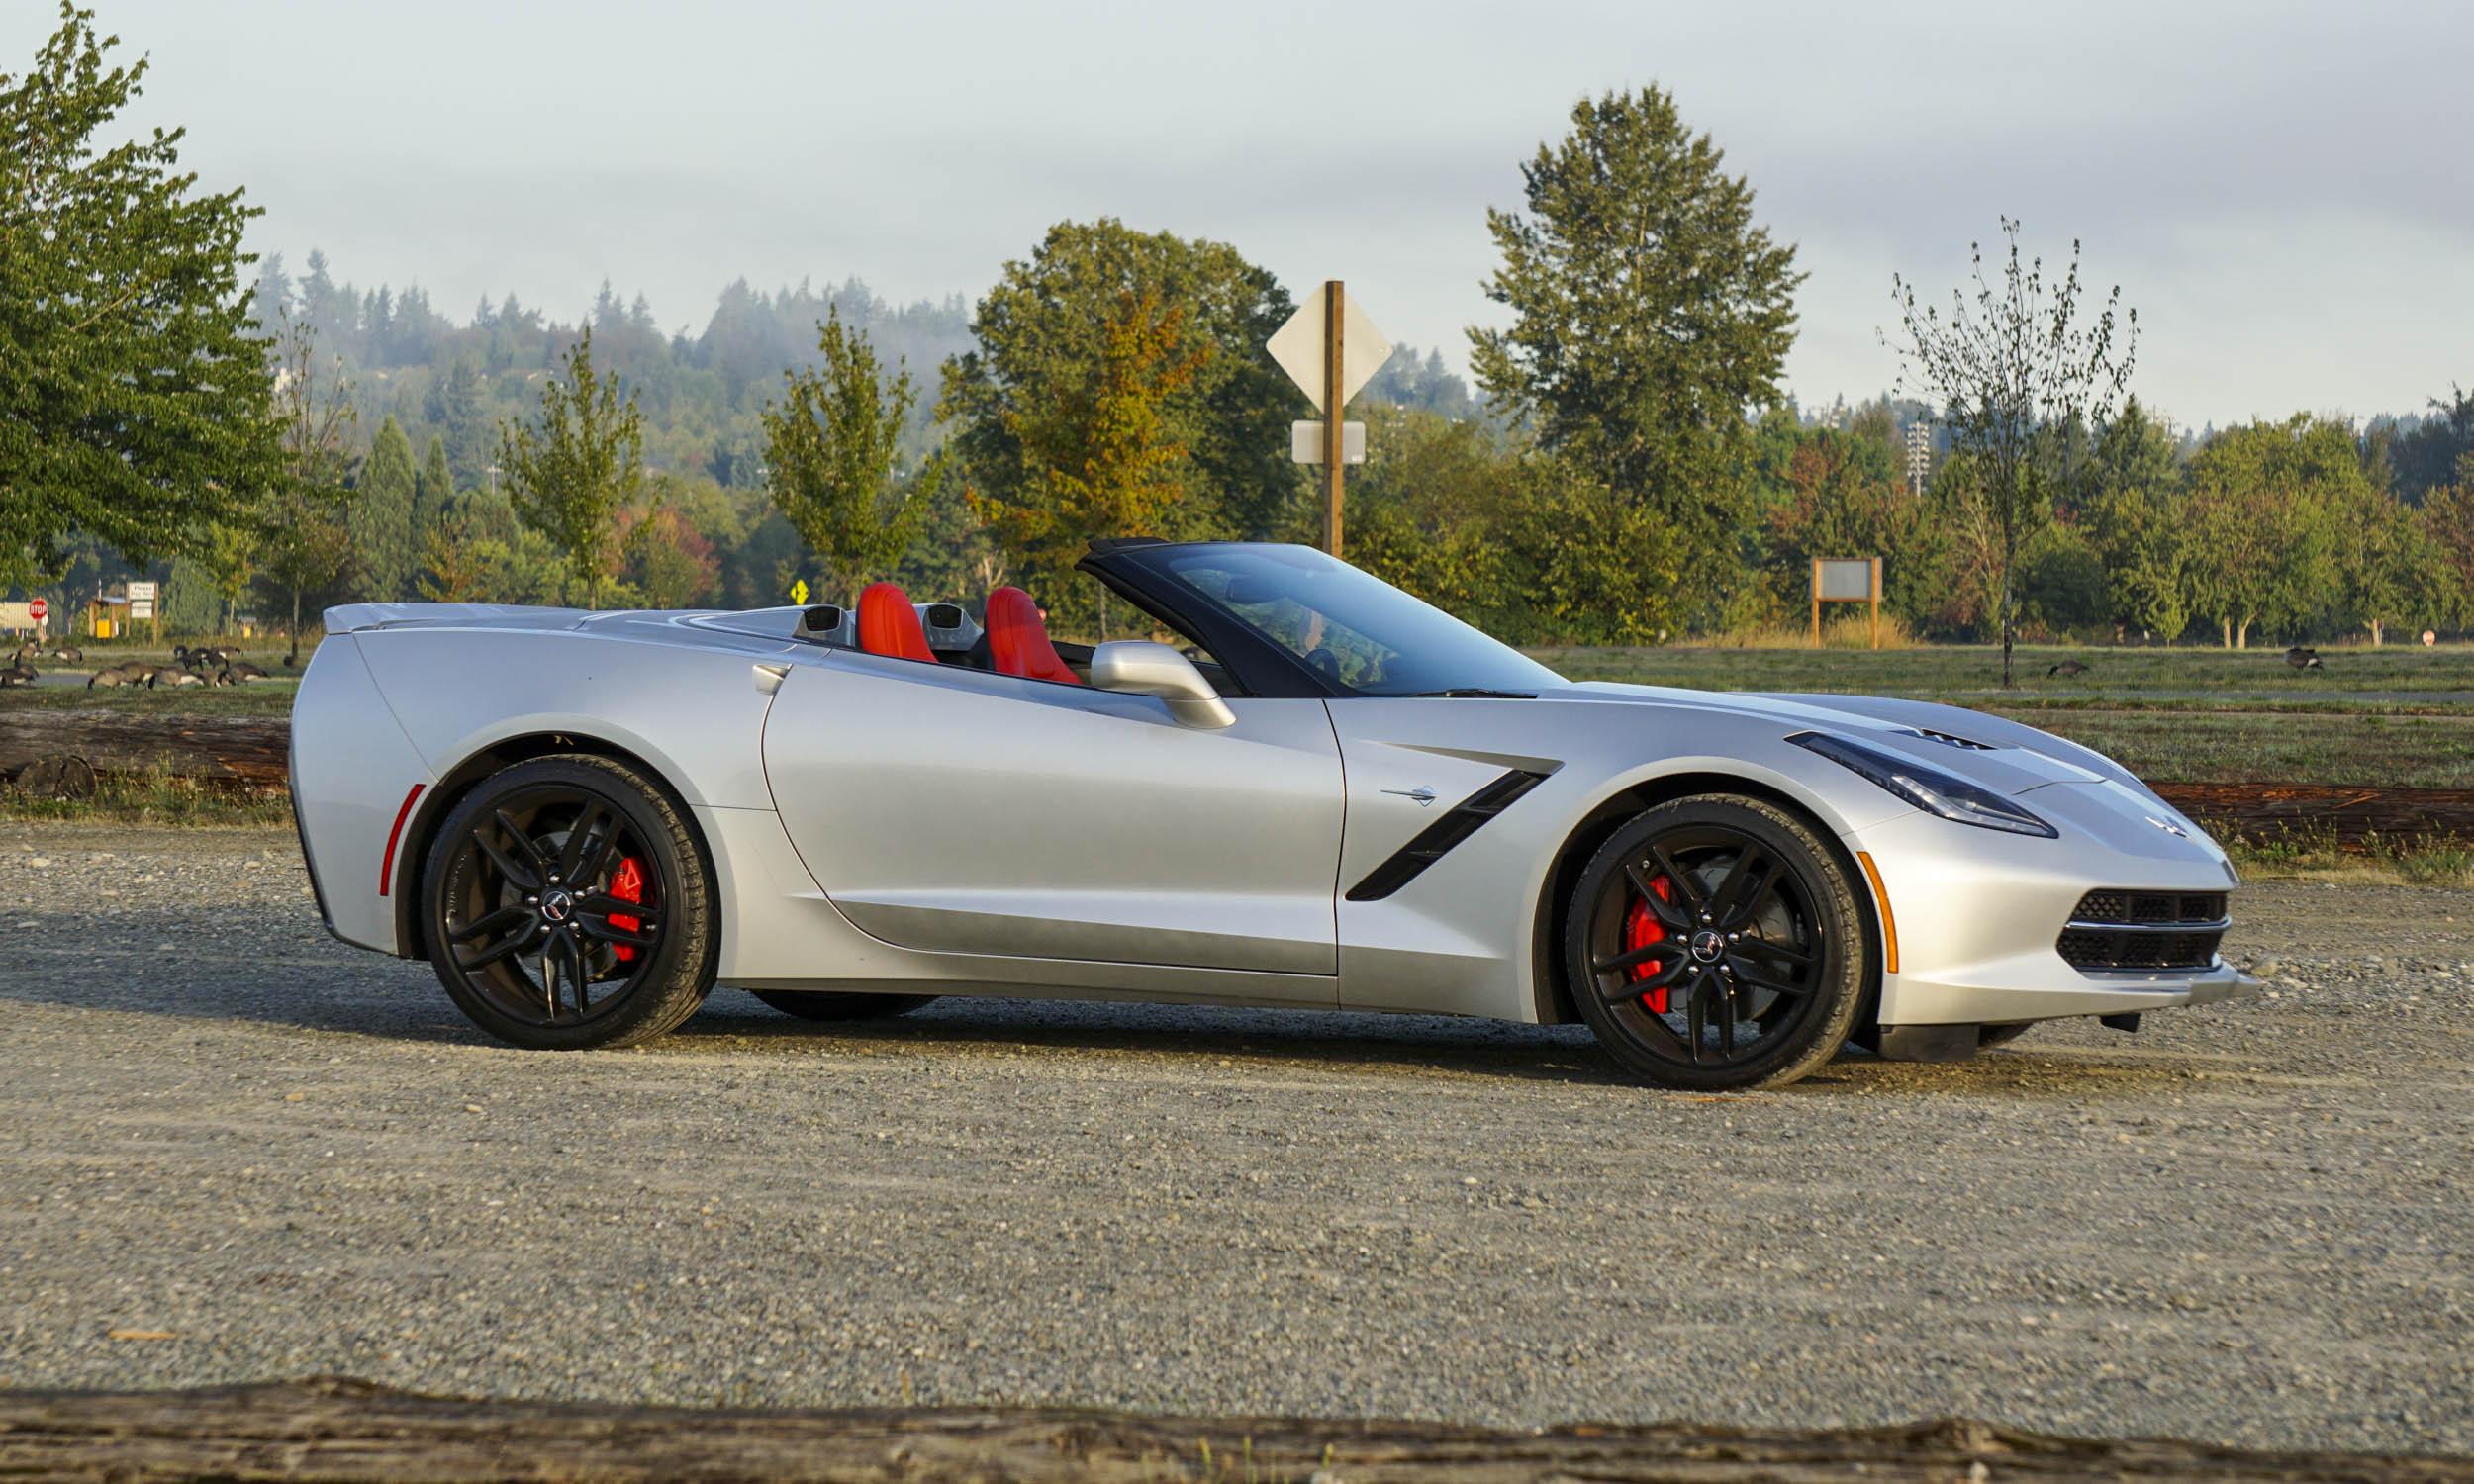 2015 chevrolet corvette stingray convertible review autonxt. Cars Review. Best American Auto & Cars Review